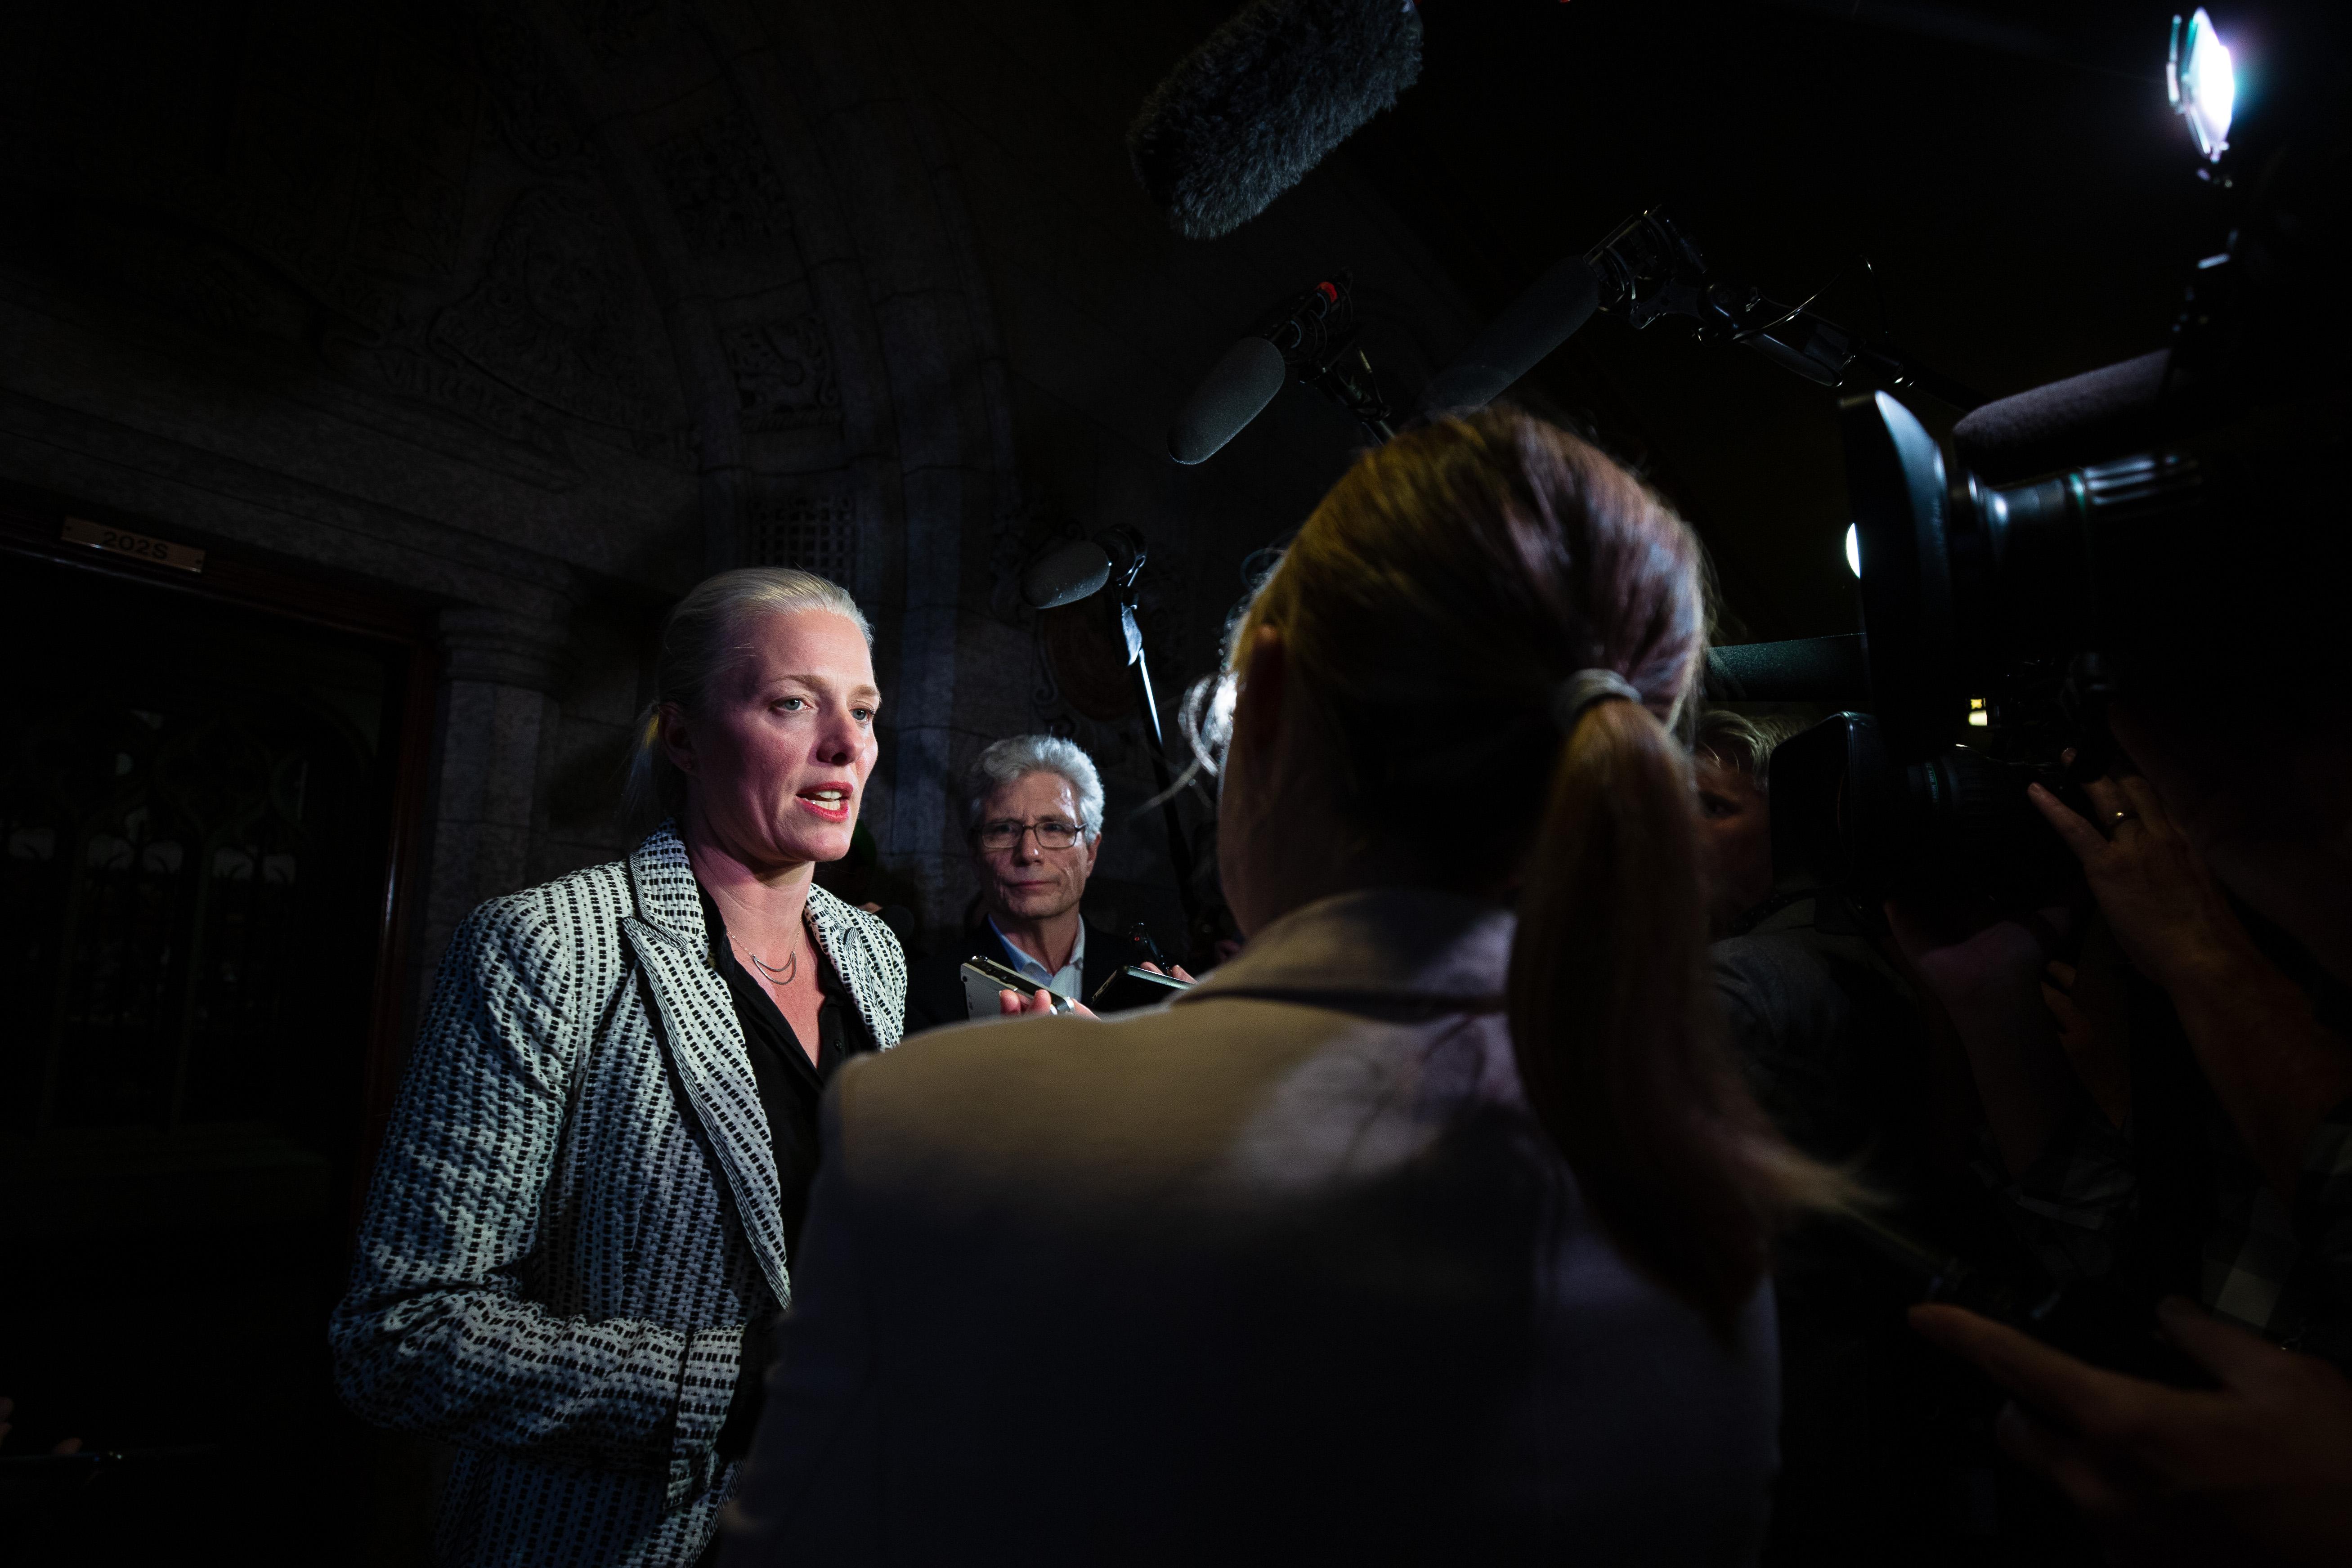 'It's like pulling teeth': Catherine McKenna accused of stalling on fossil fuel subsidies